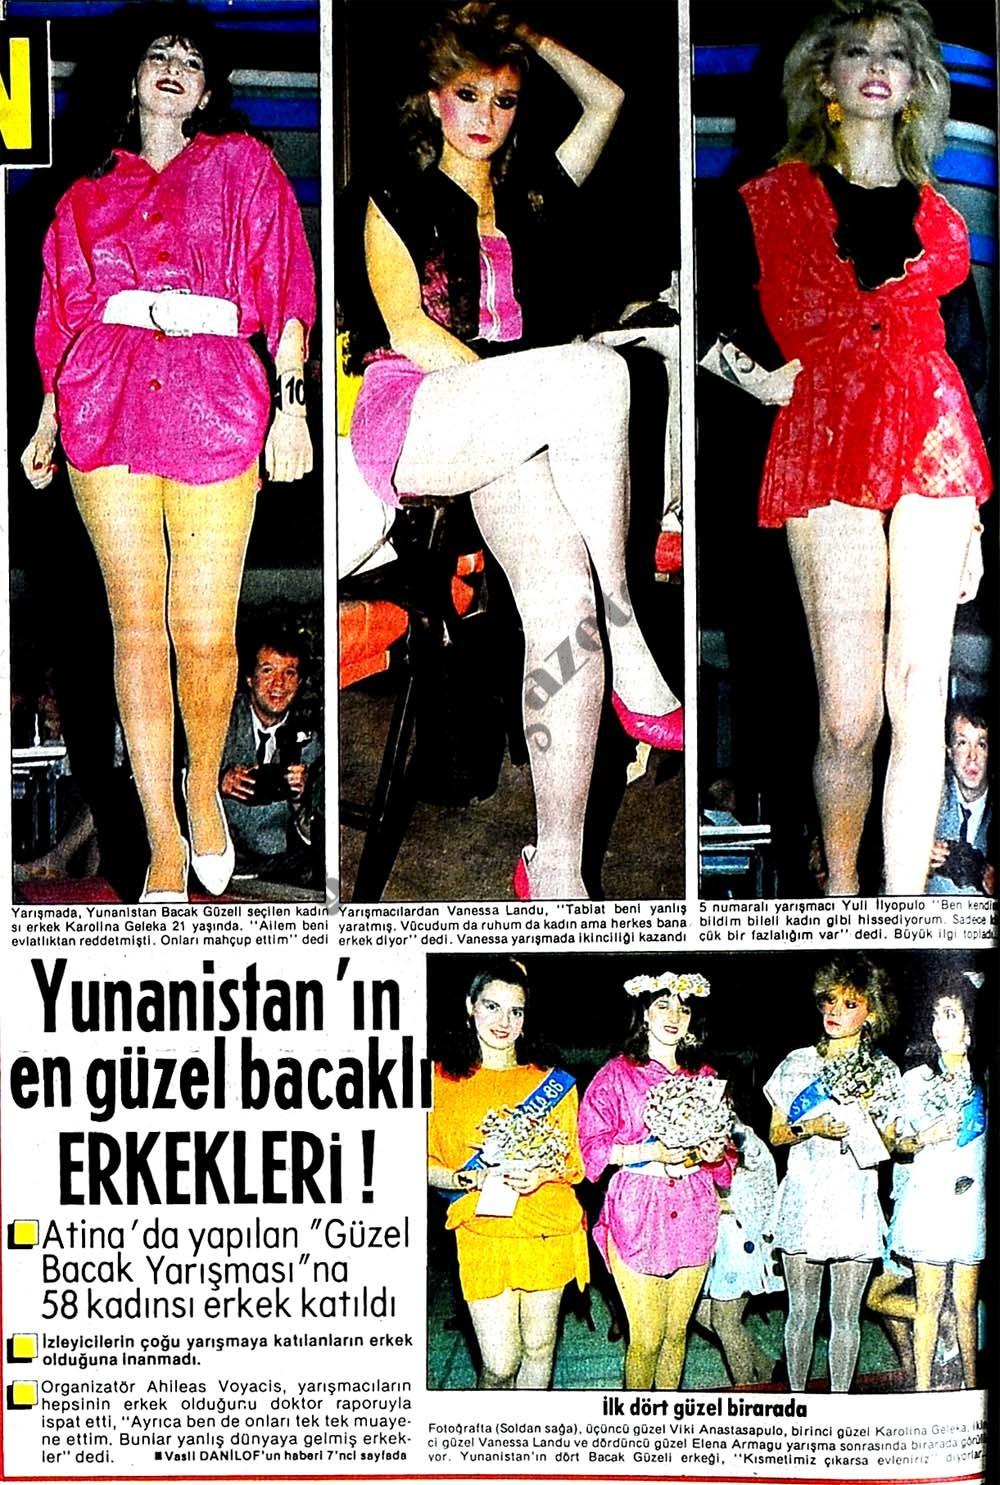 Yunanistan'ın en güzel bacaklı ERKEKLERİ !